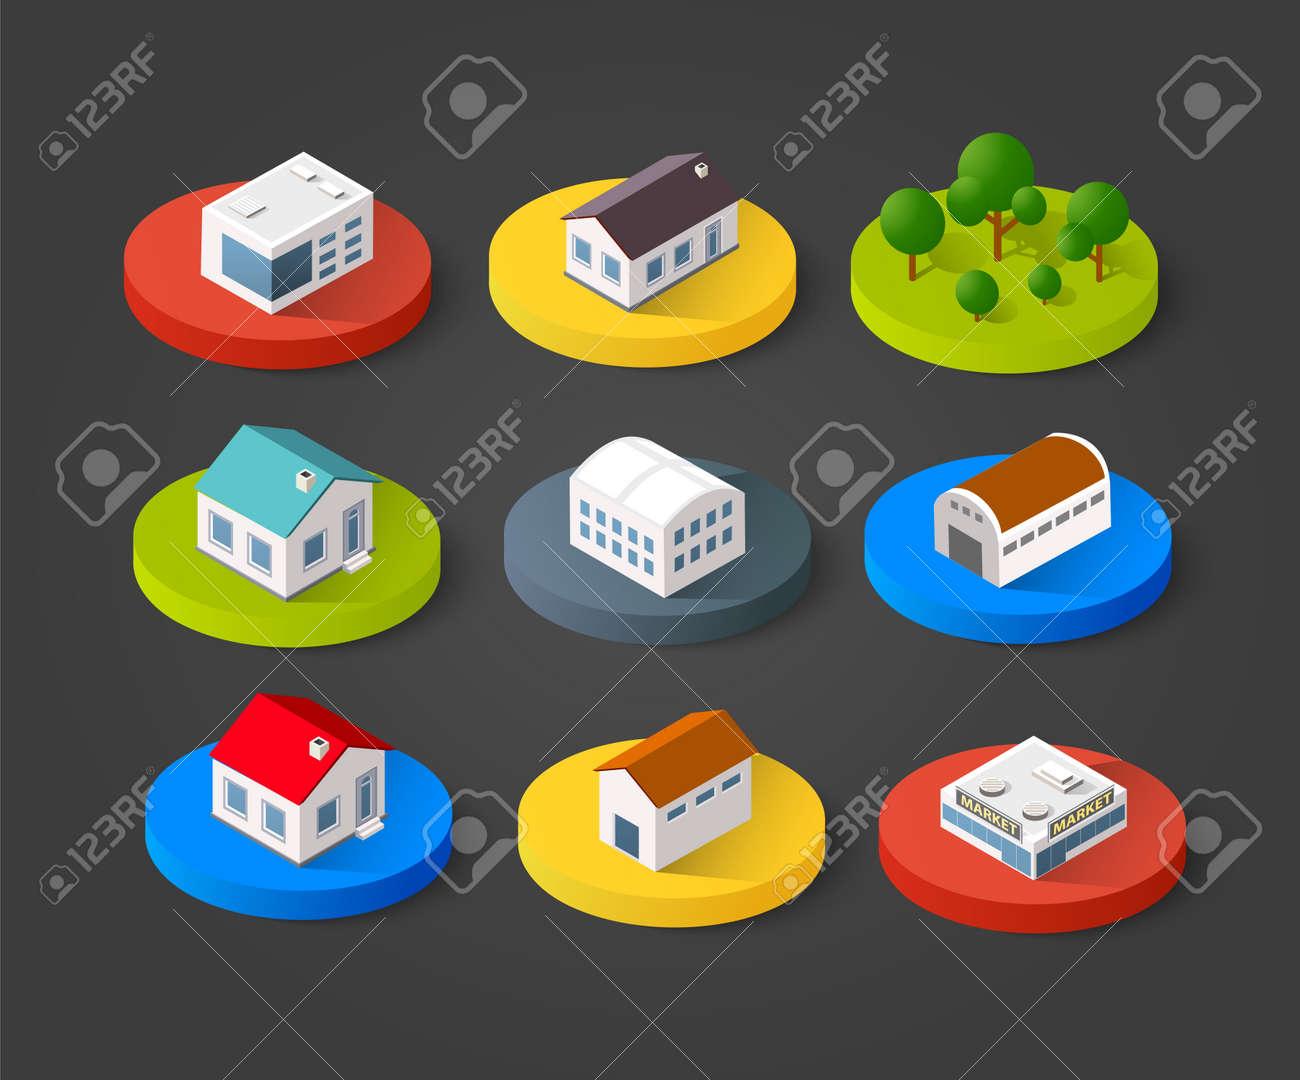 Ensemble de isométrique maison icônes 3D maison. Résidence la construction du paysage de la ville en trois dimensions concept de symbole vecteur Banque d'images - 68977235